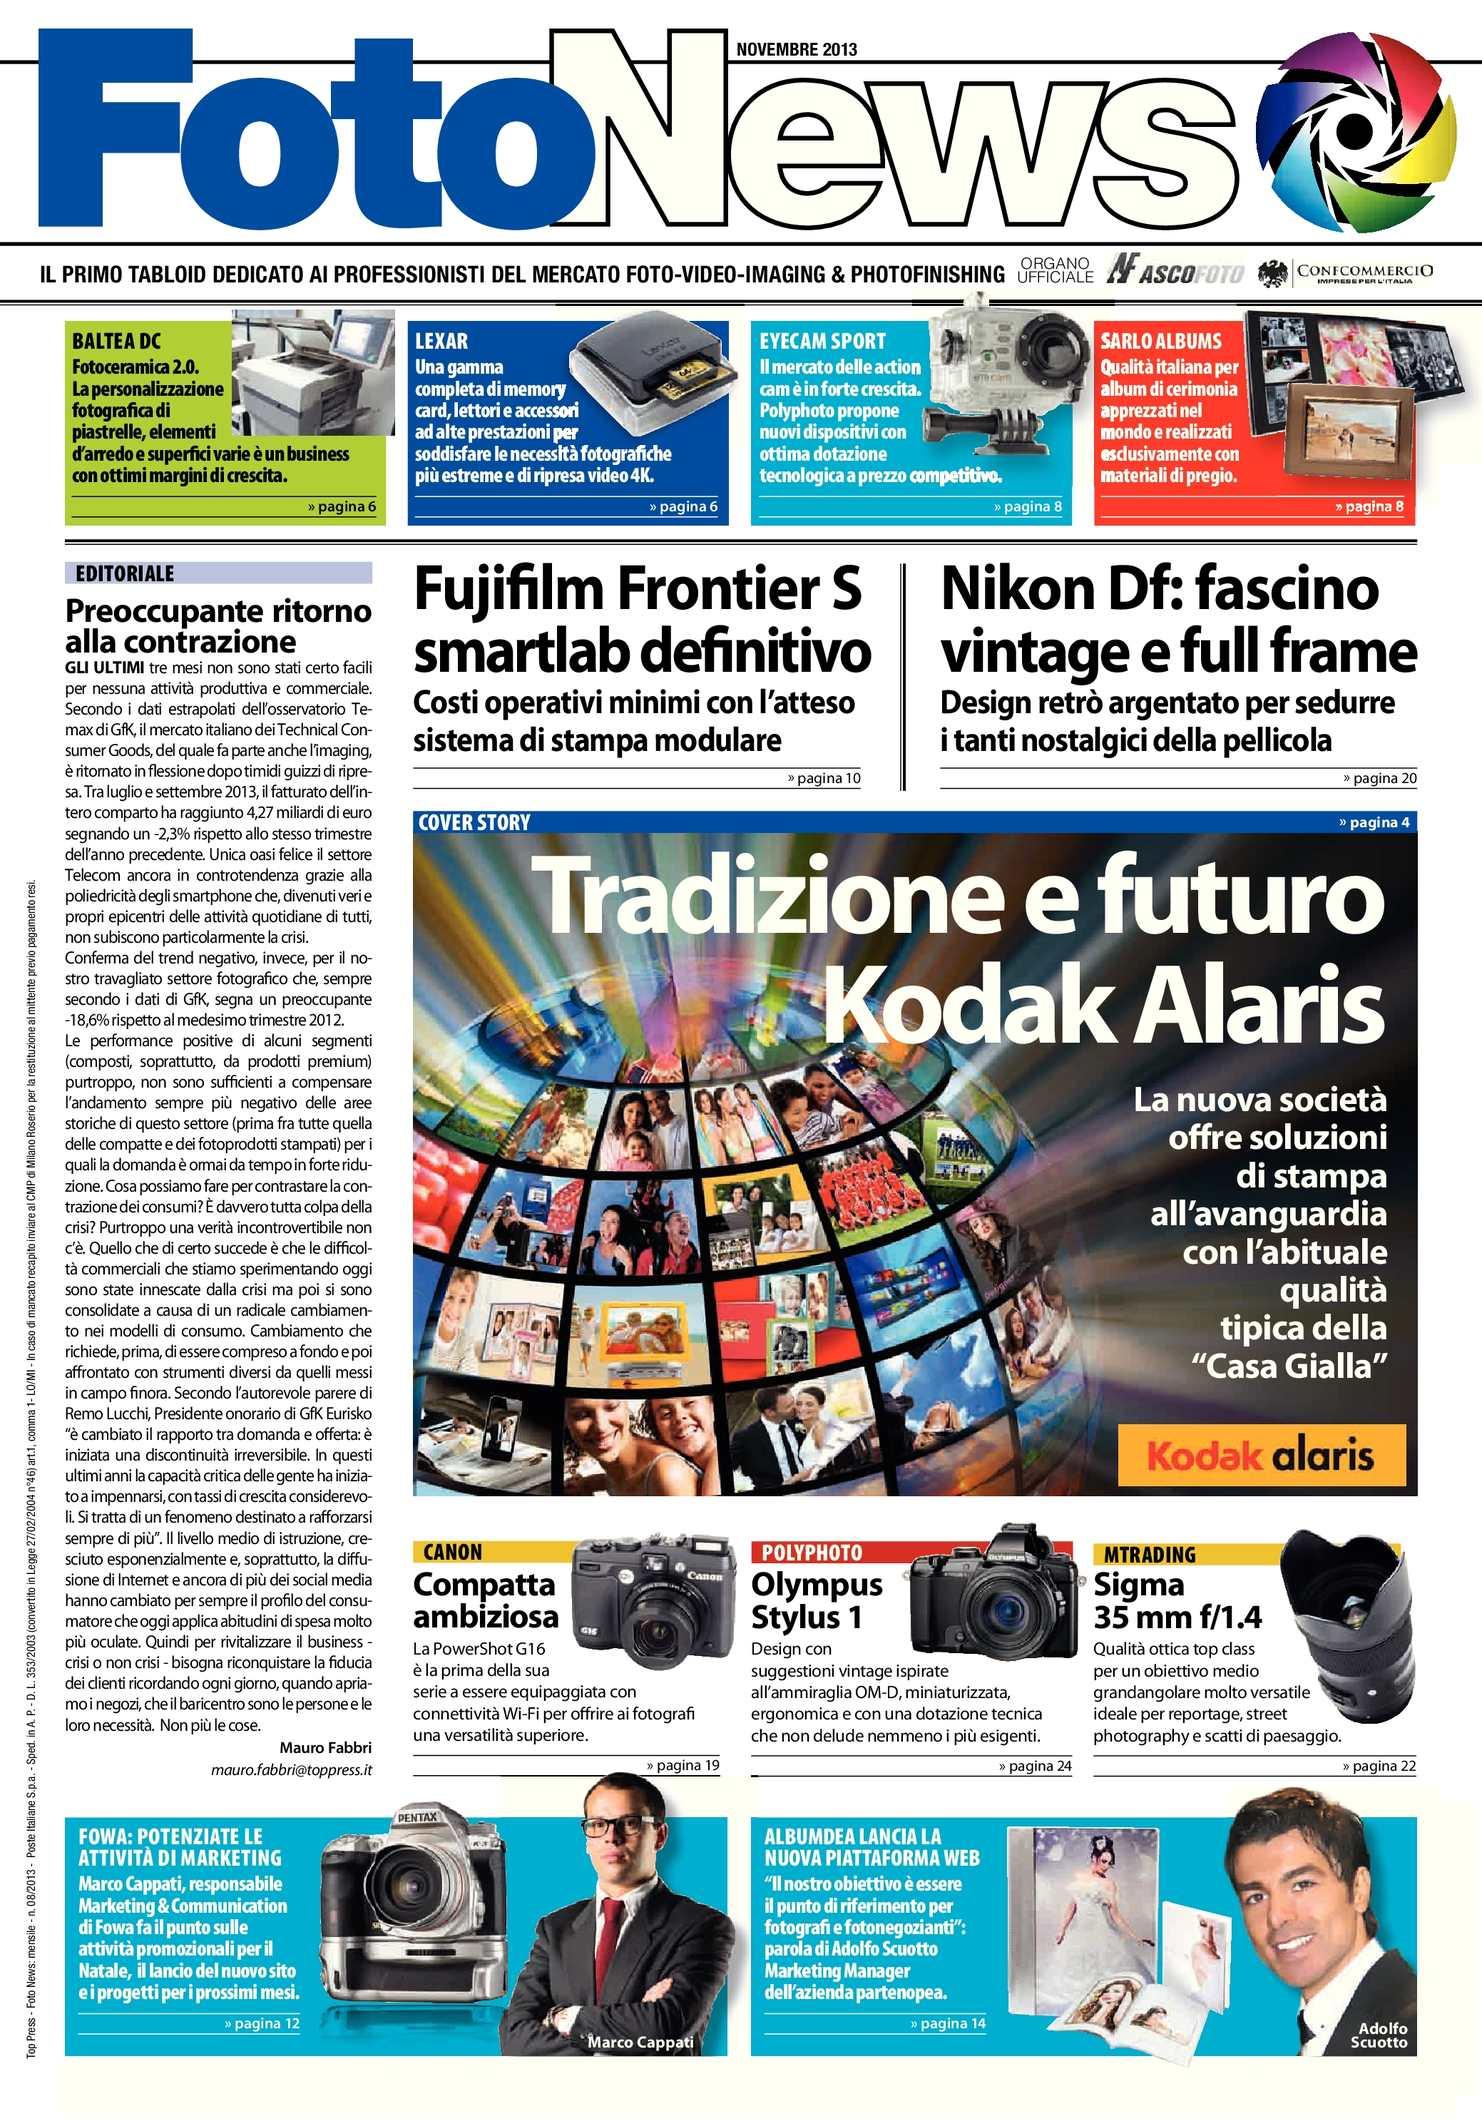 FotoNews 08/2013